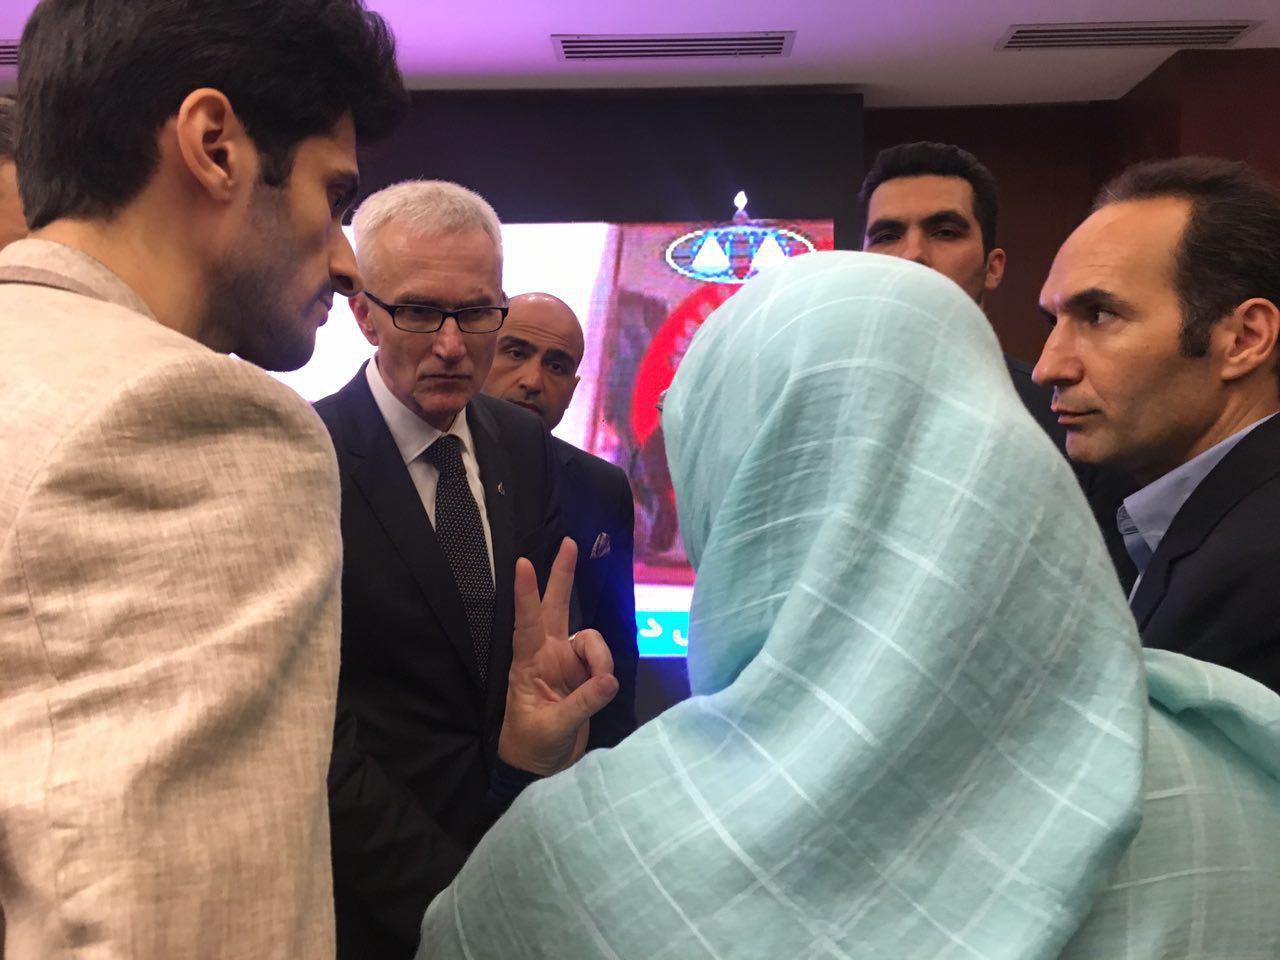 رایزنی قربانیان ترور ایران در اجلاس بین المللی اینترپل در تهران